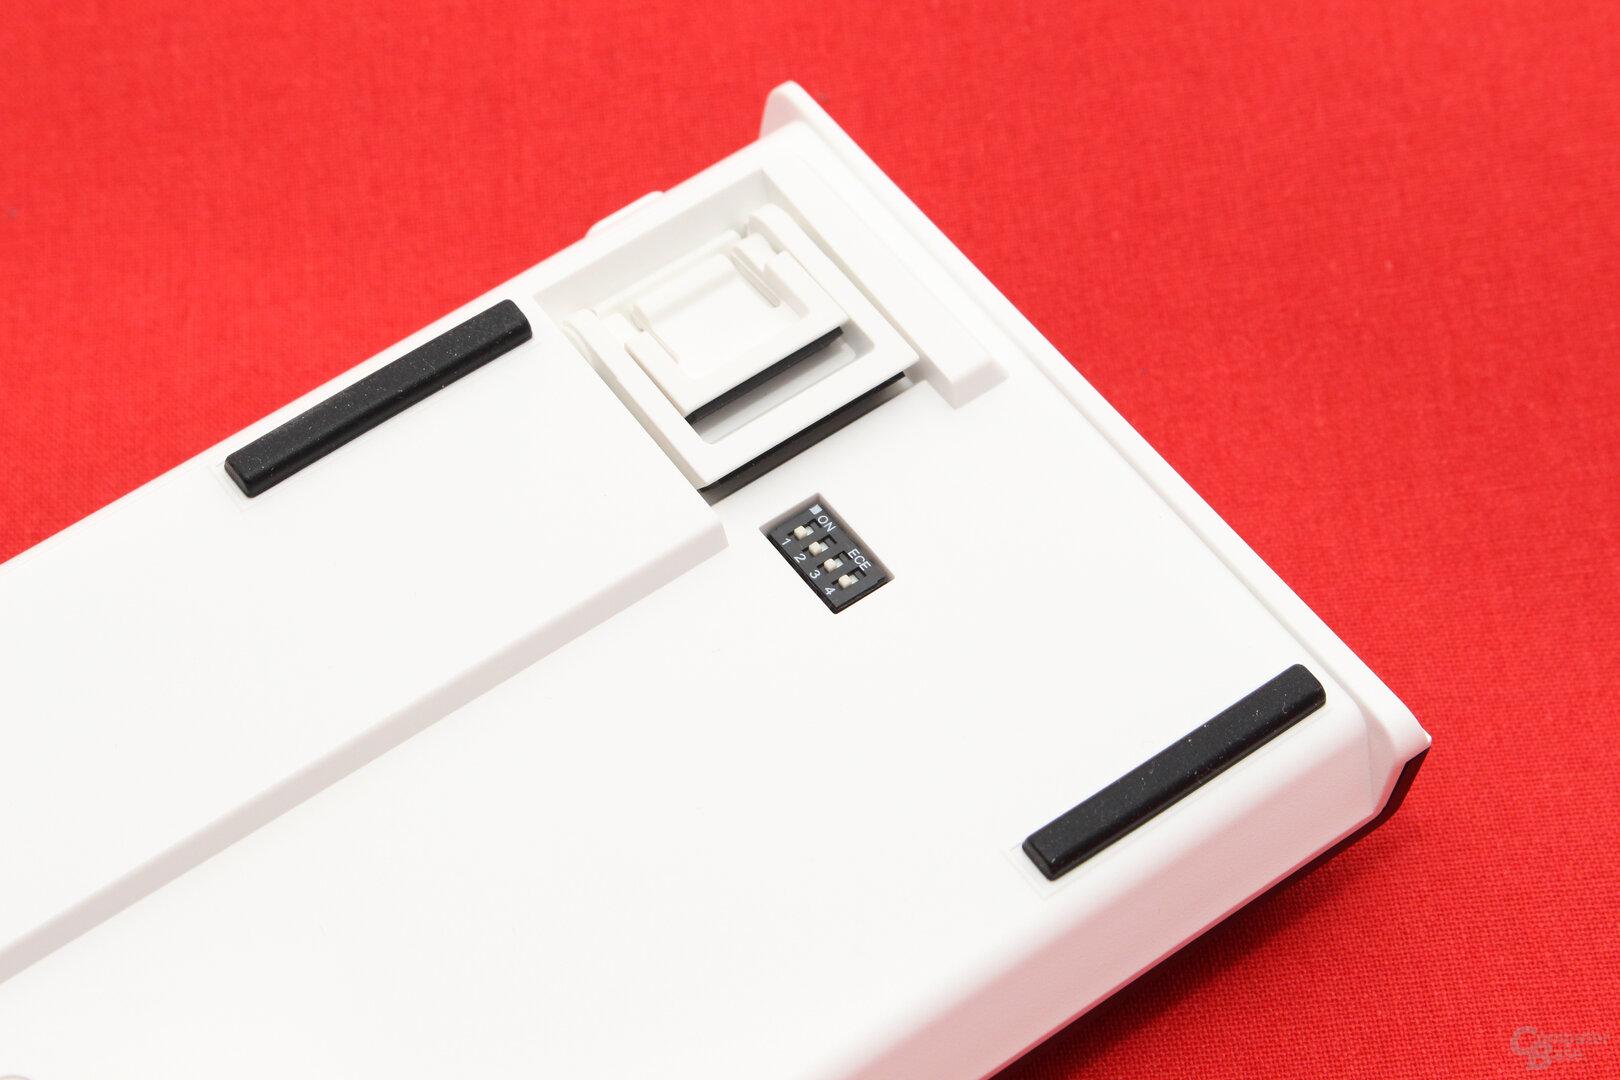 DIP-Schalter aktivieren Zusatzfunktionen